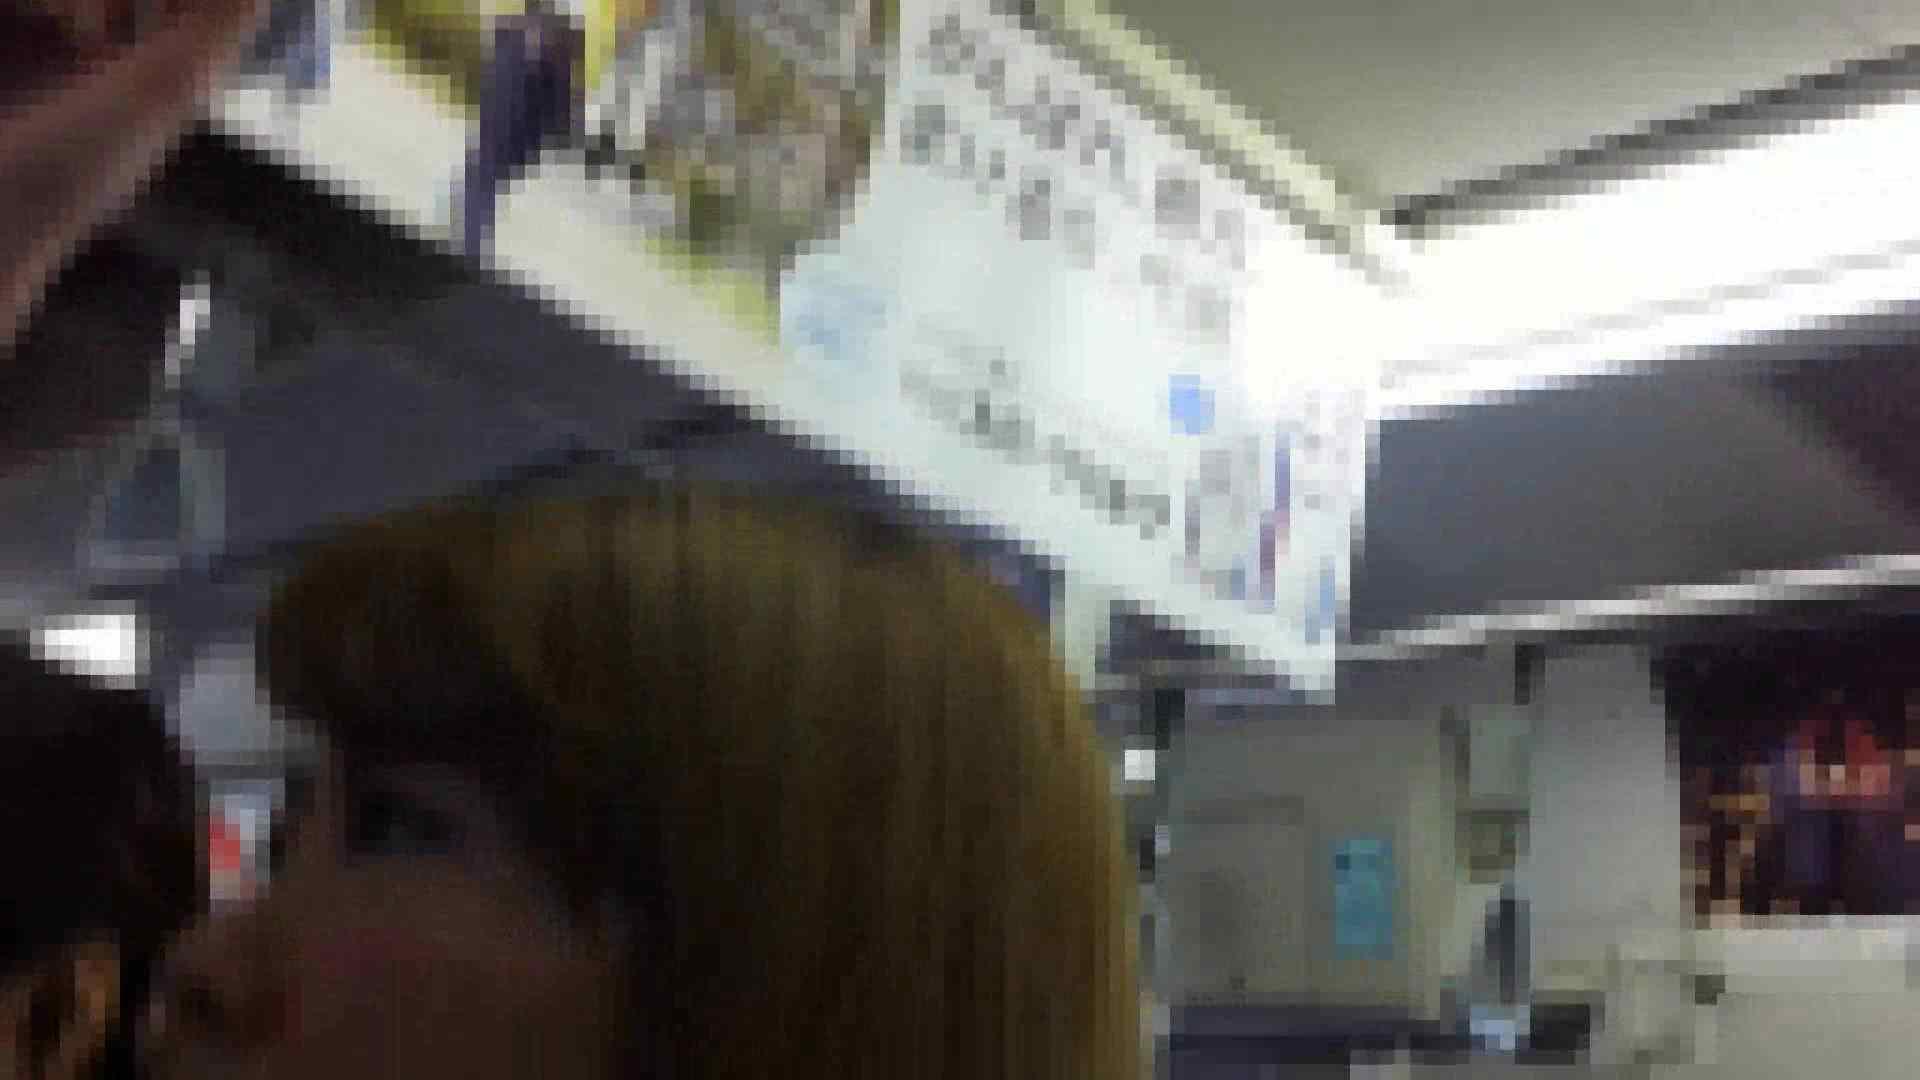 ガールズパンチラストリートビューVol.041 新入生パンチラ すけべAV動画紹介 97pic 71